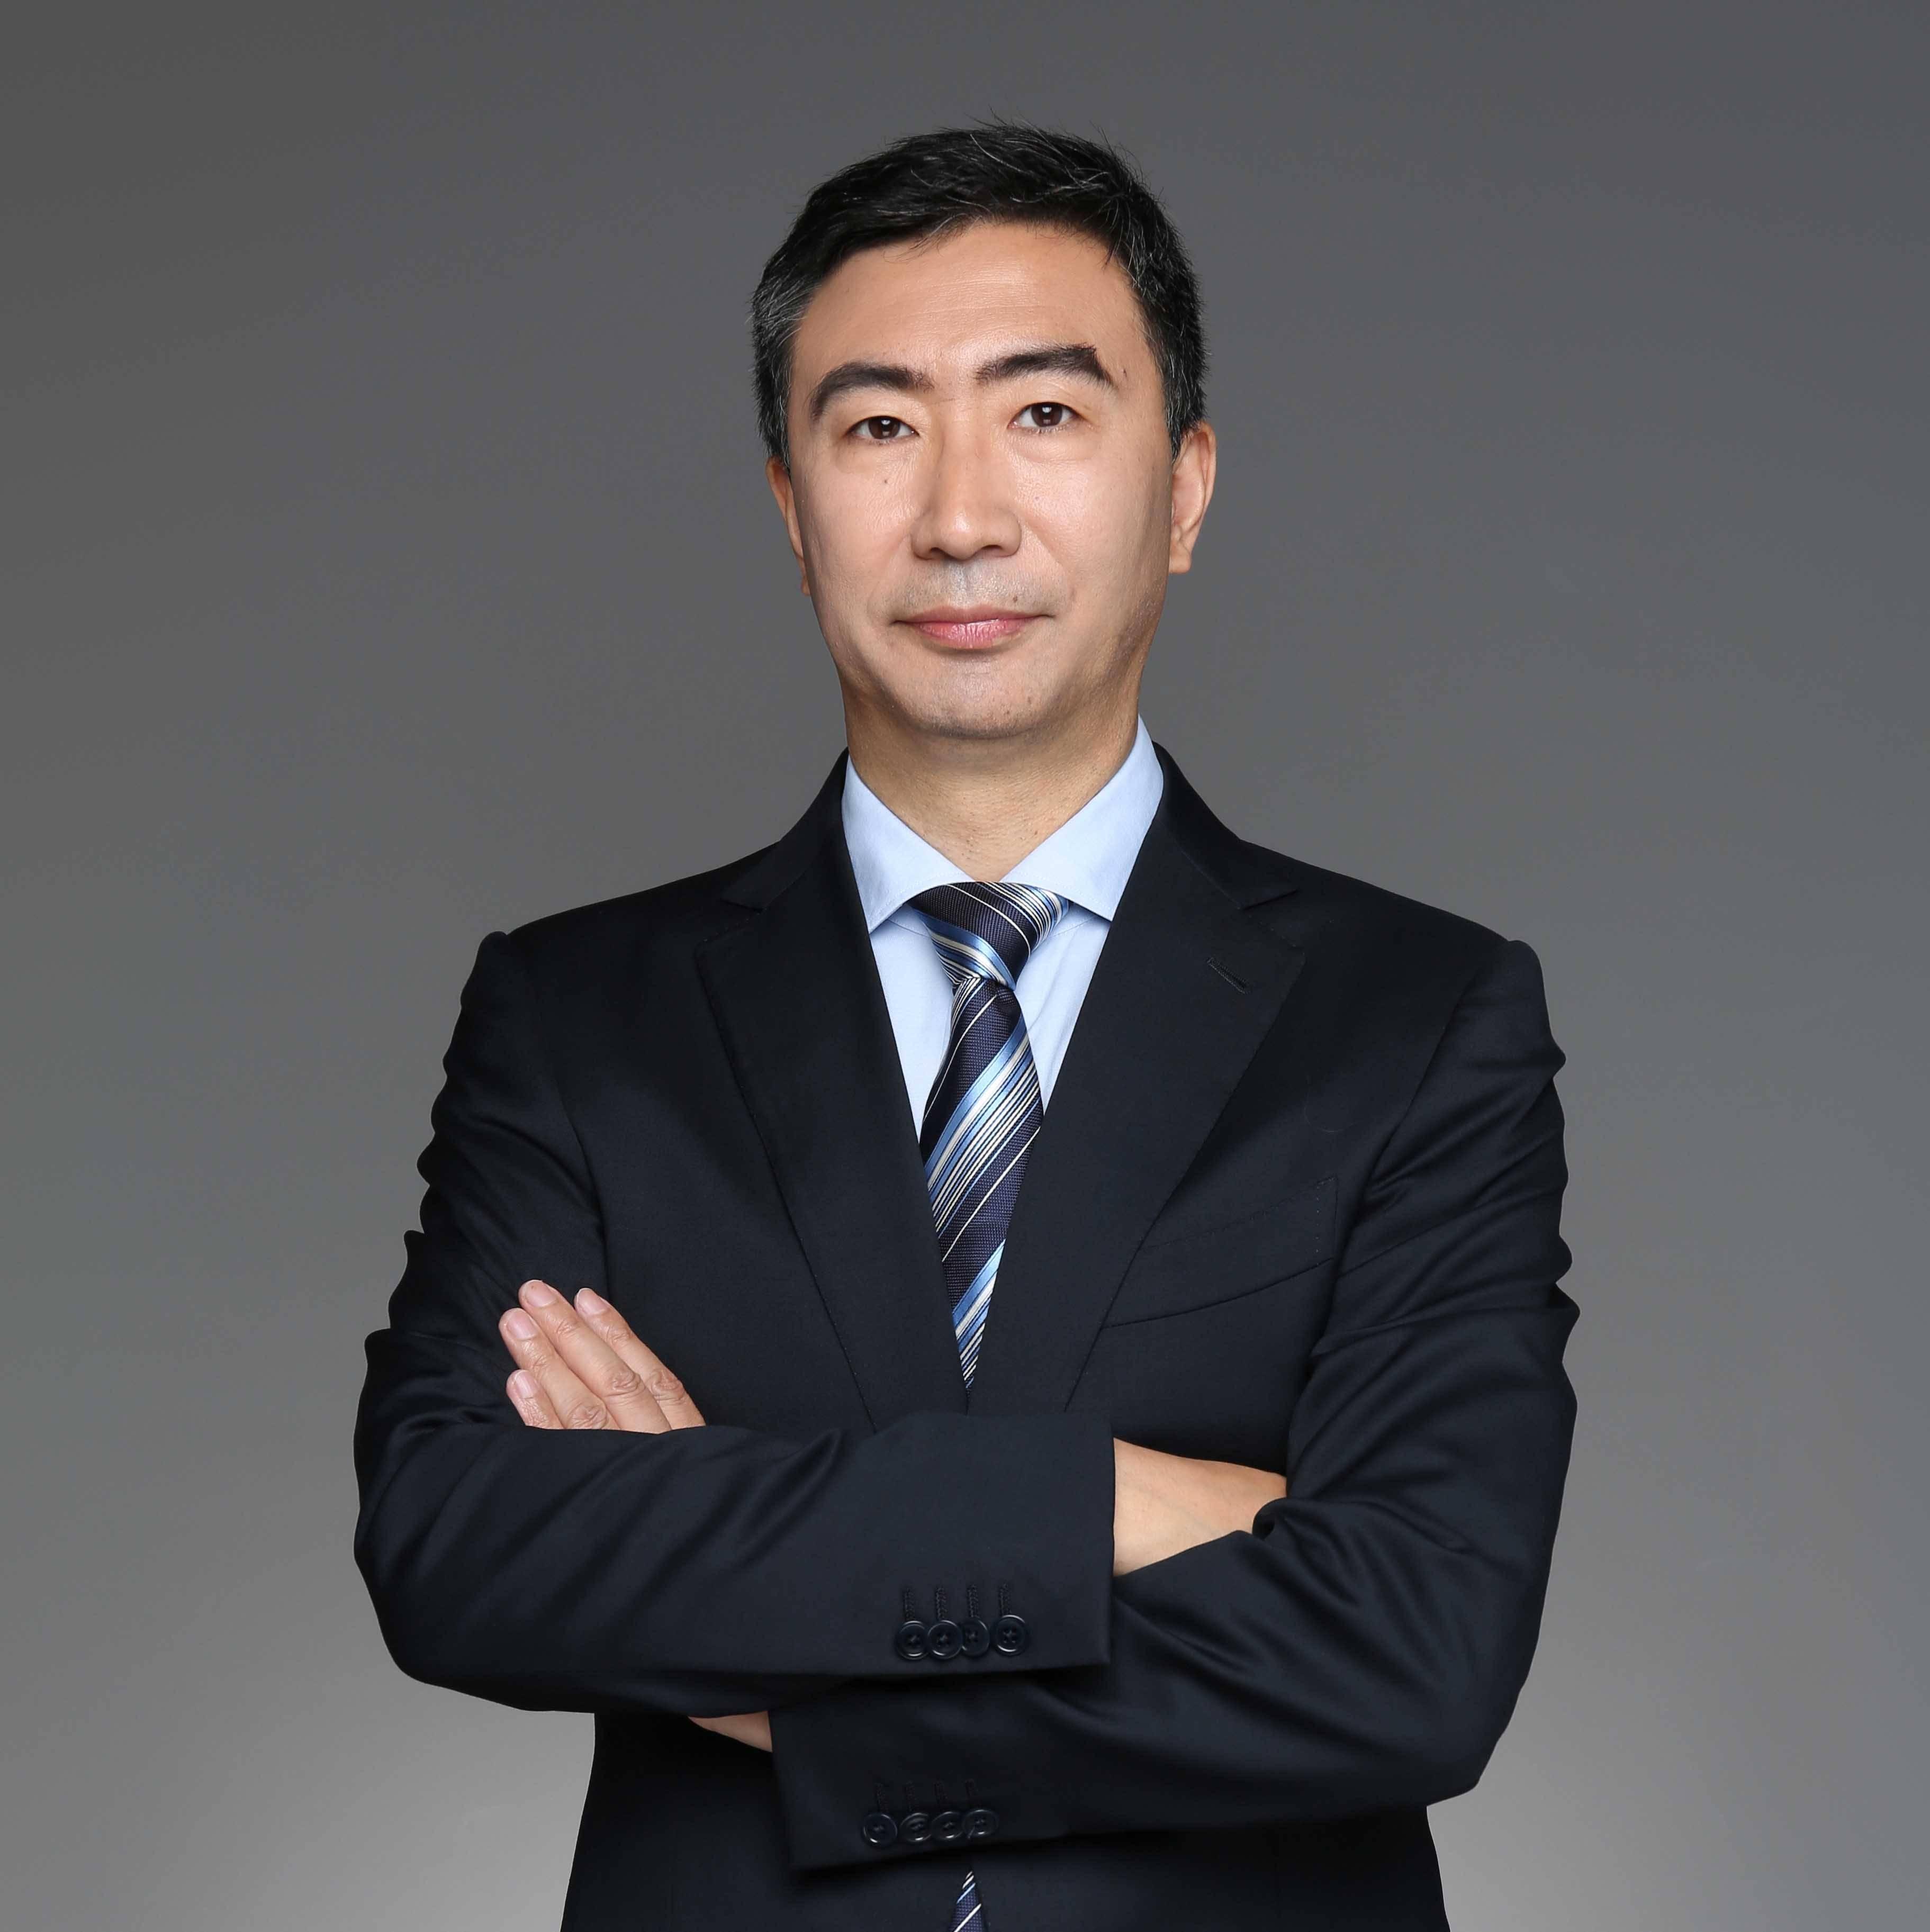 零跑汽车 创始人、董事长 朱江明